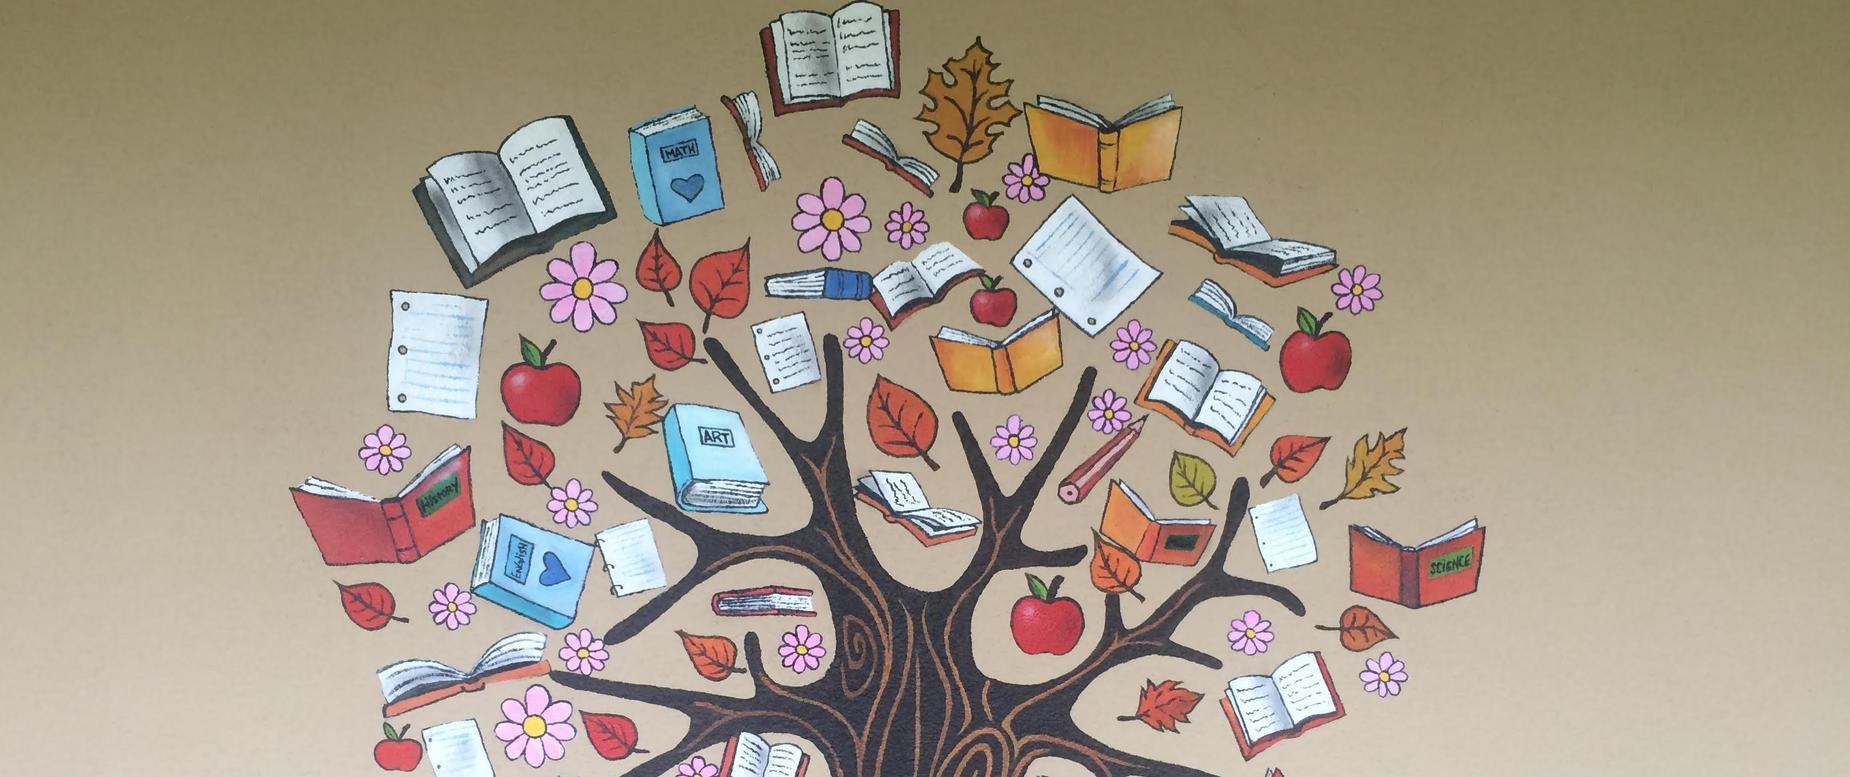 Curriculum Tree